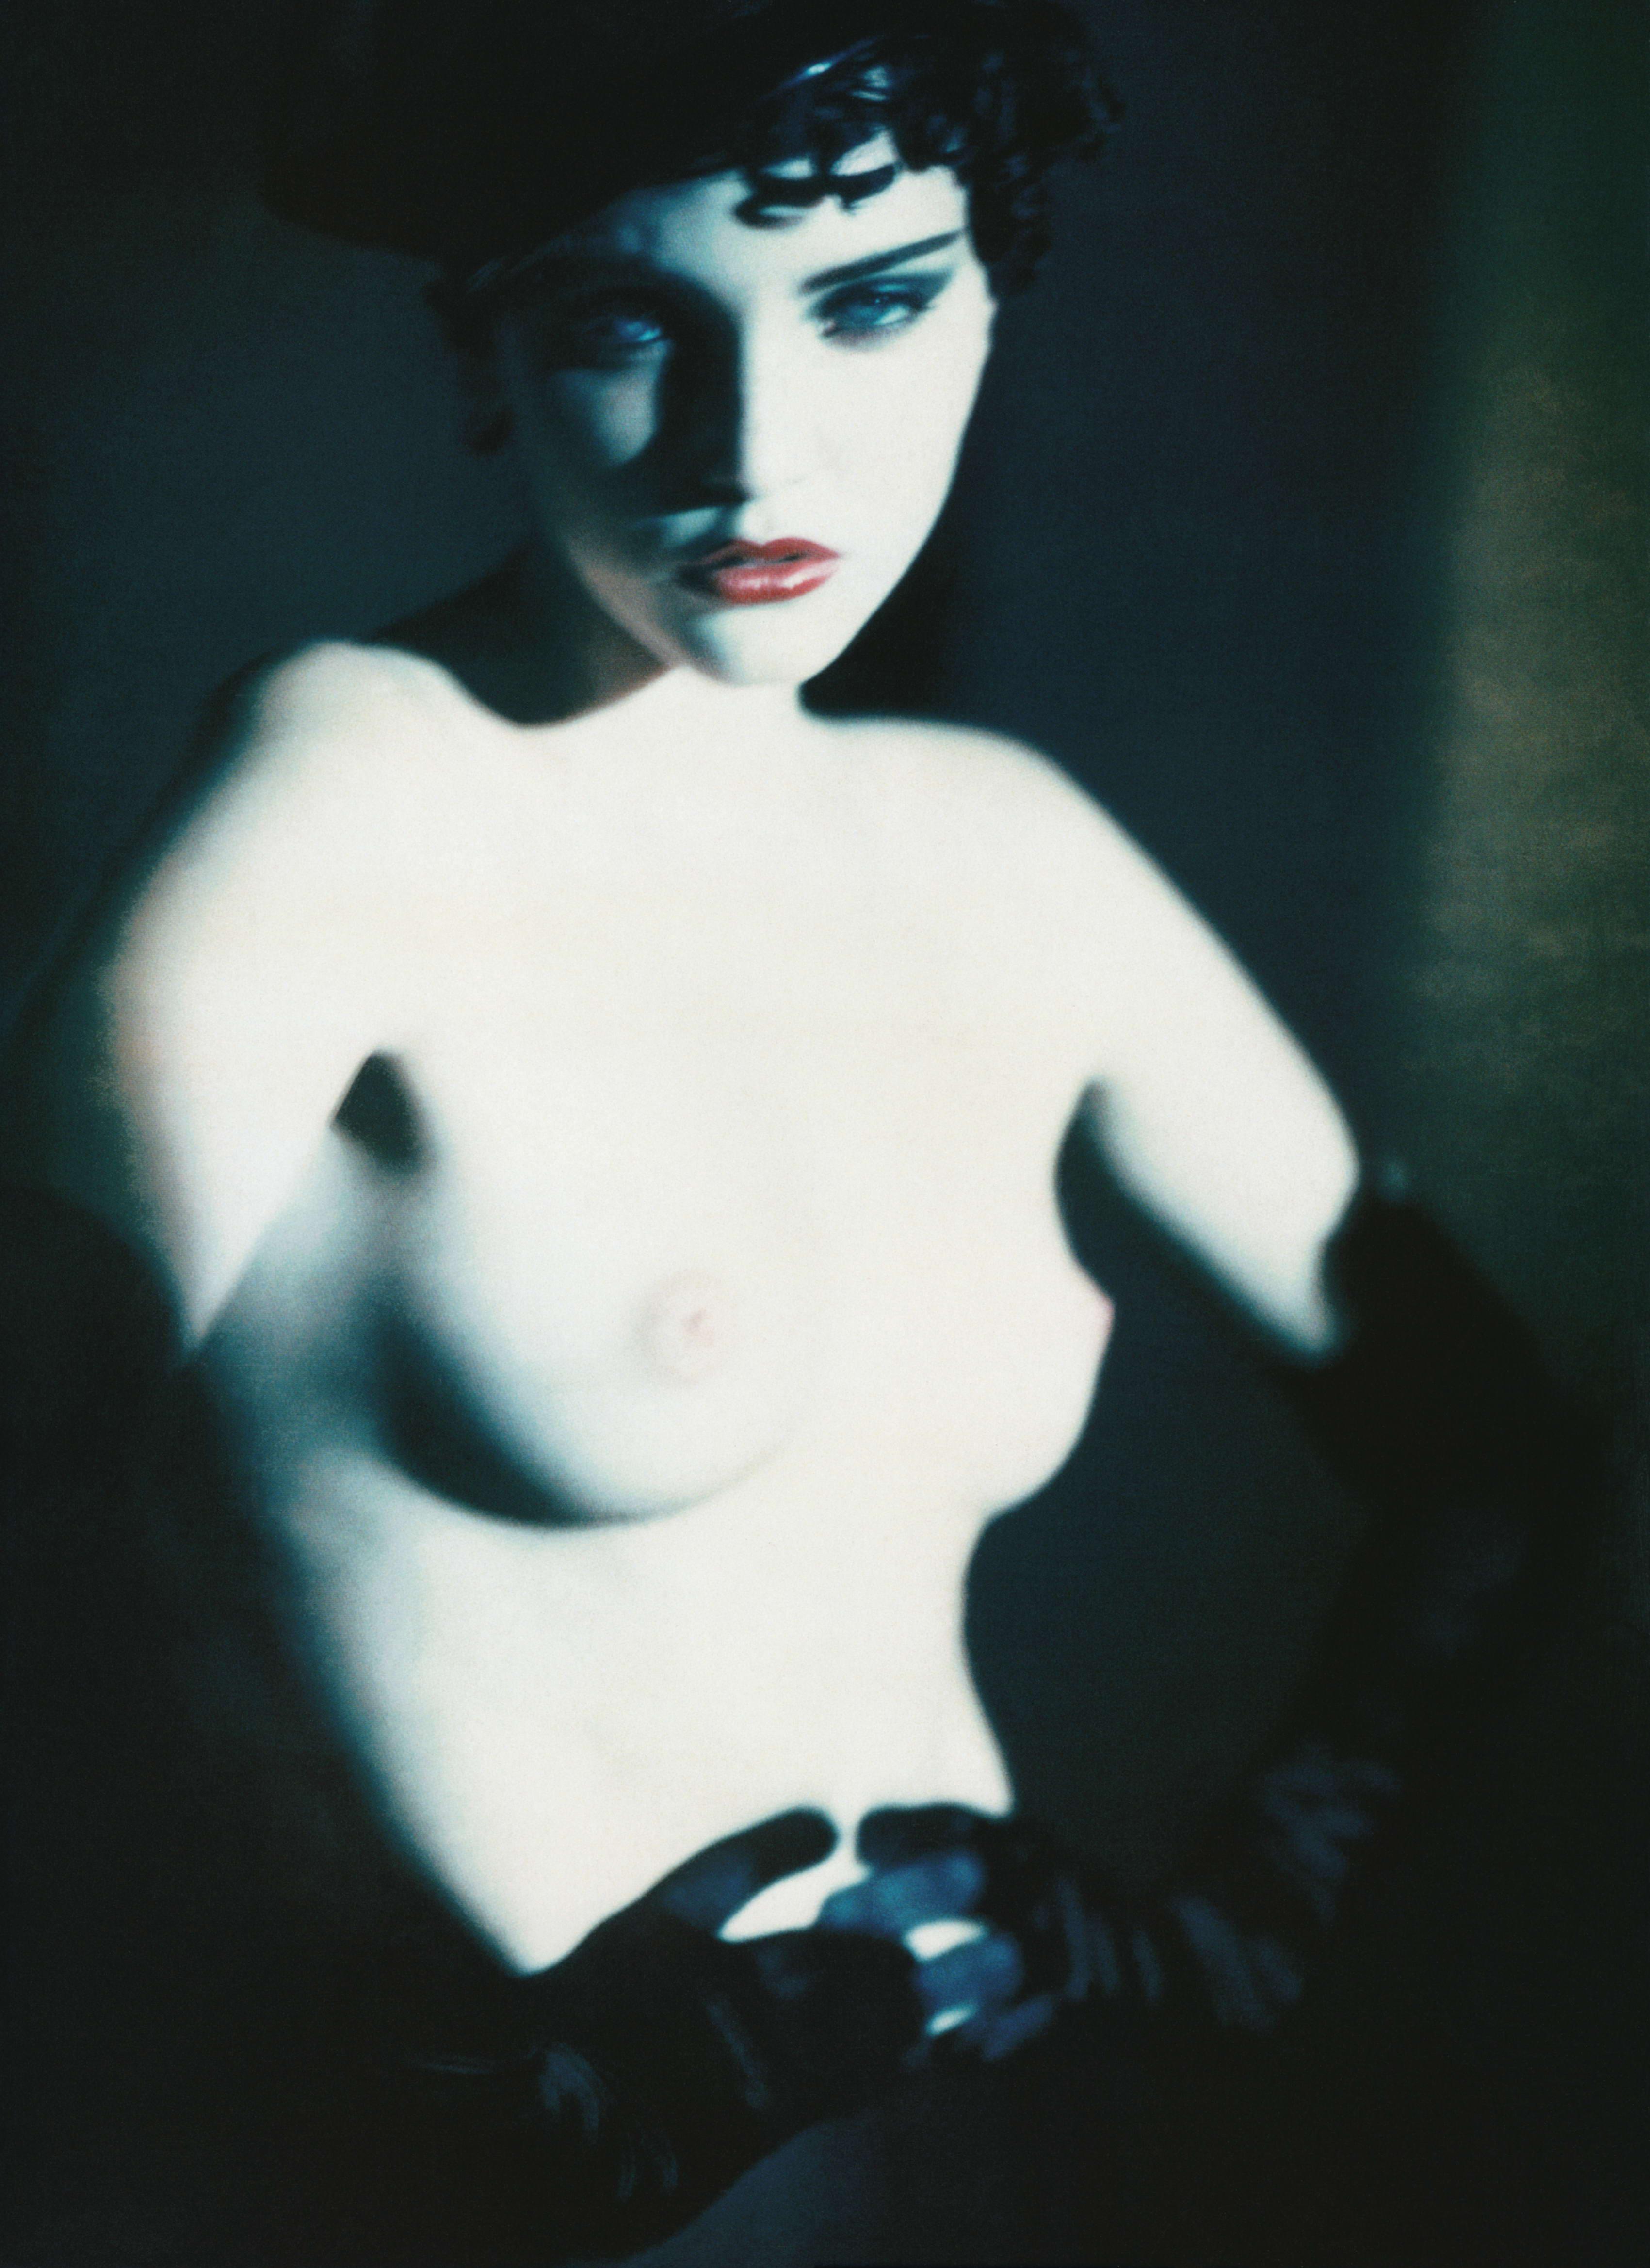 Audrey tautou nude